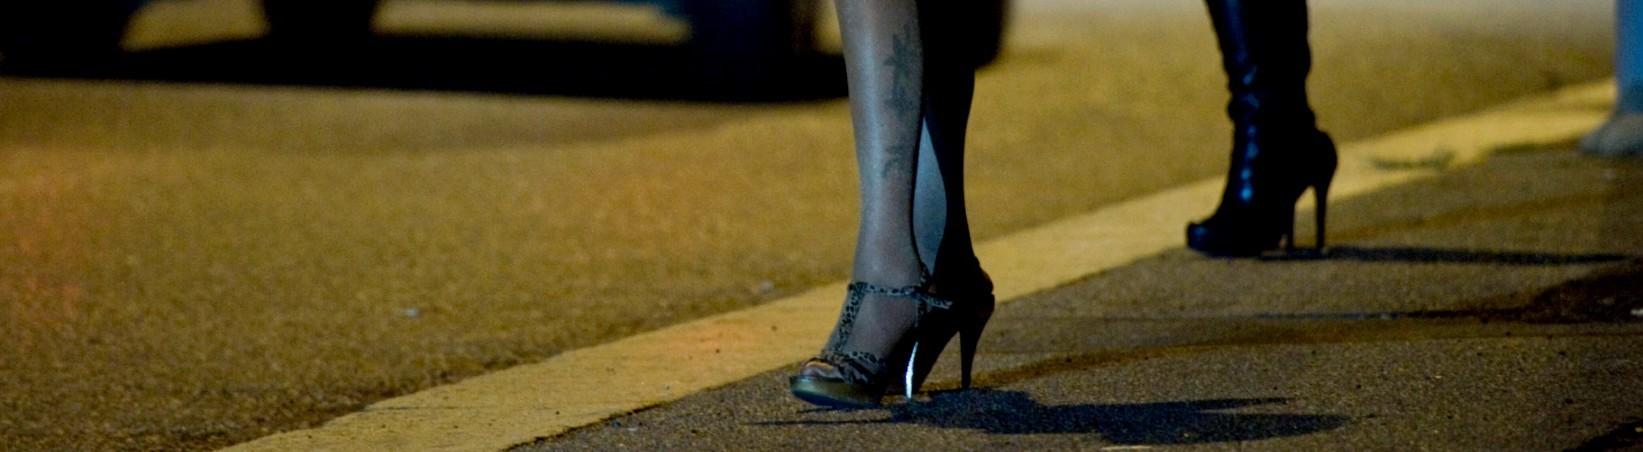 Beine von zwei sich prostituierenden Frauen an einer Straße.